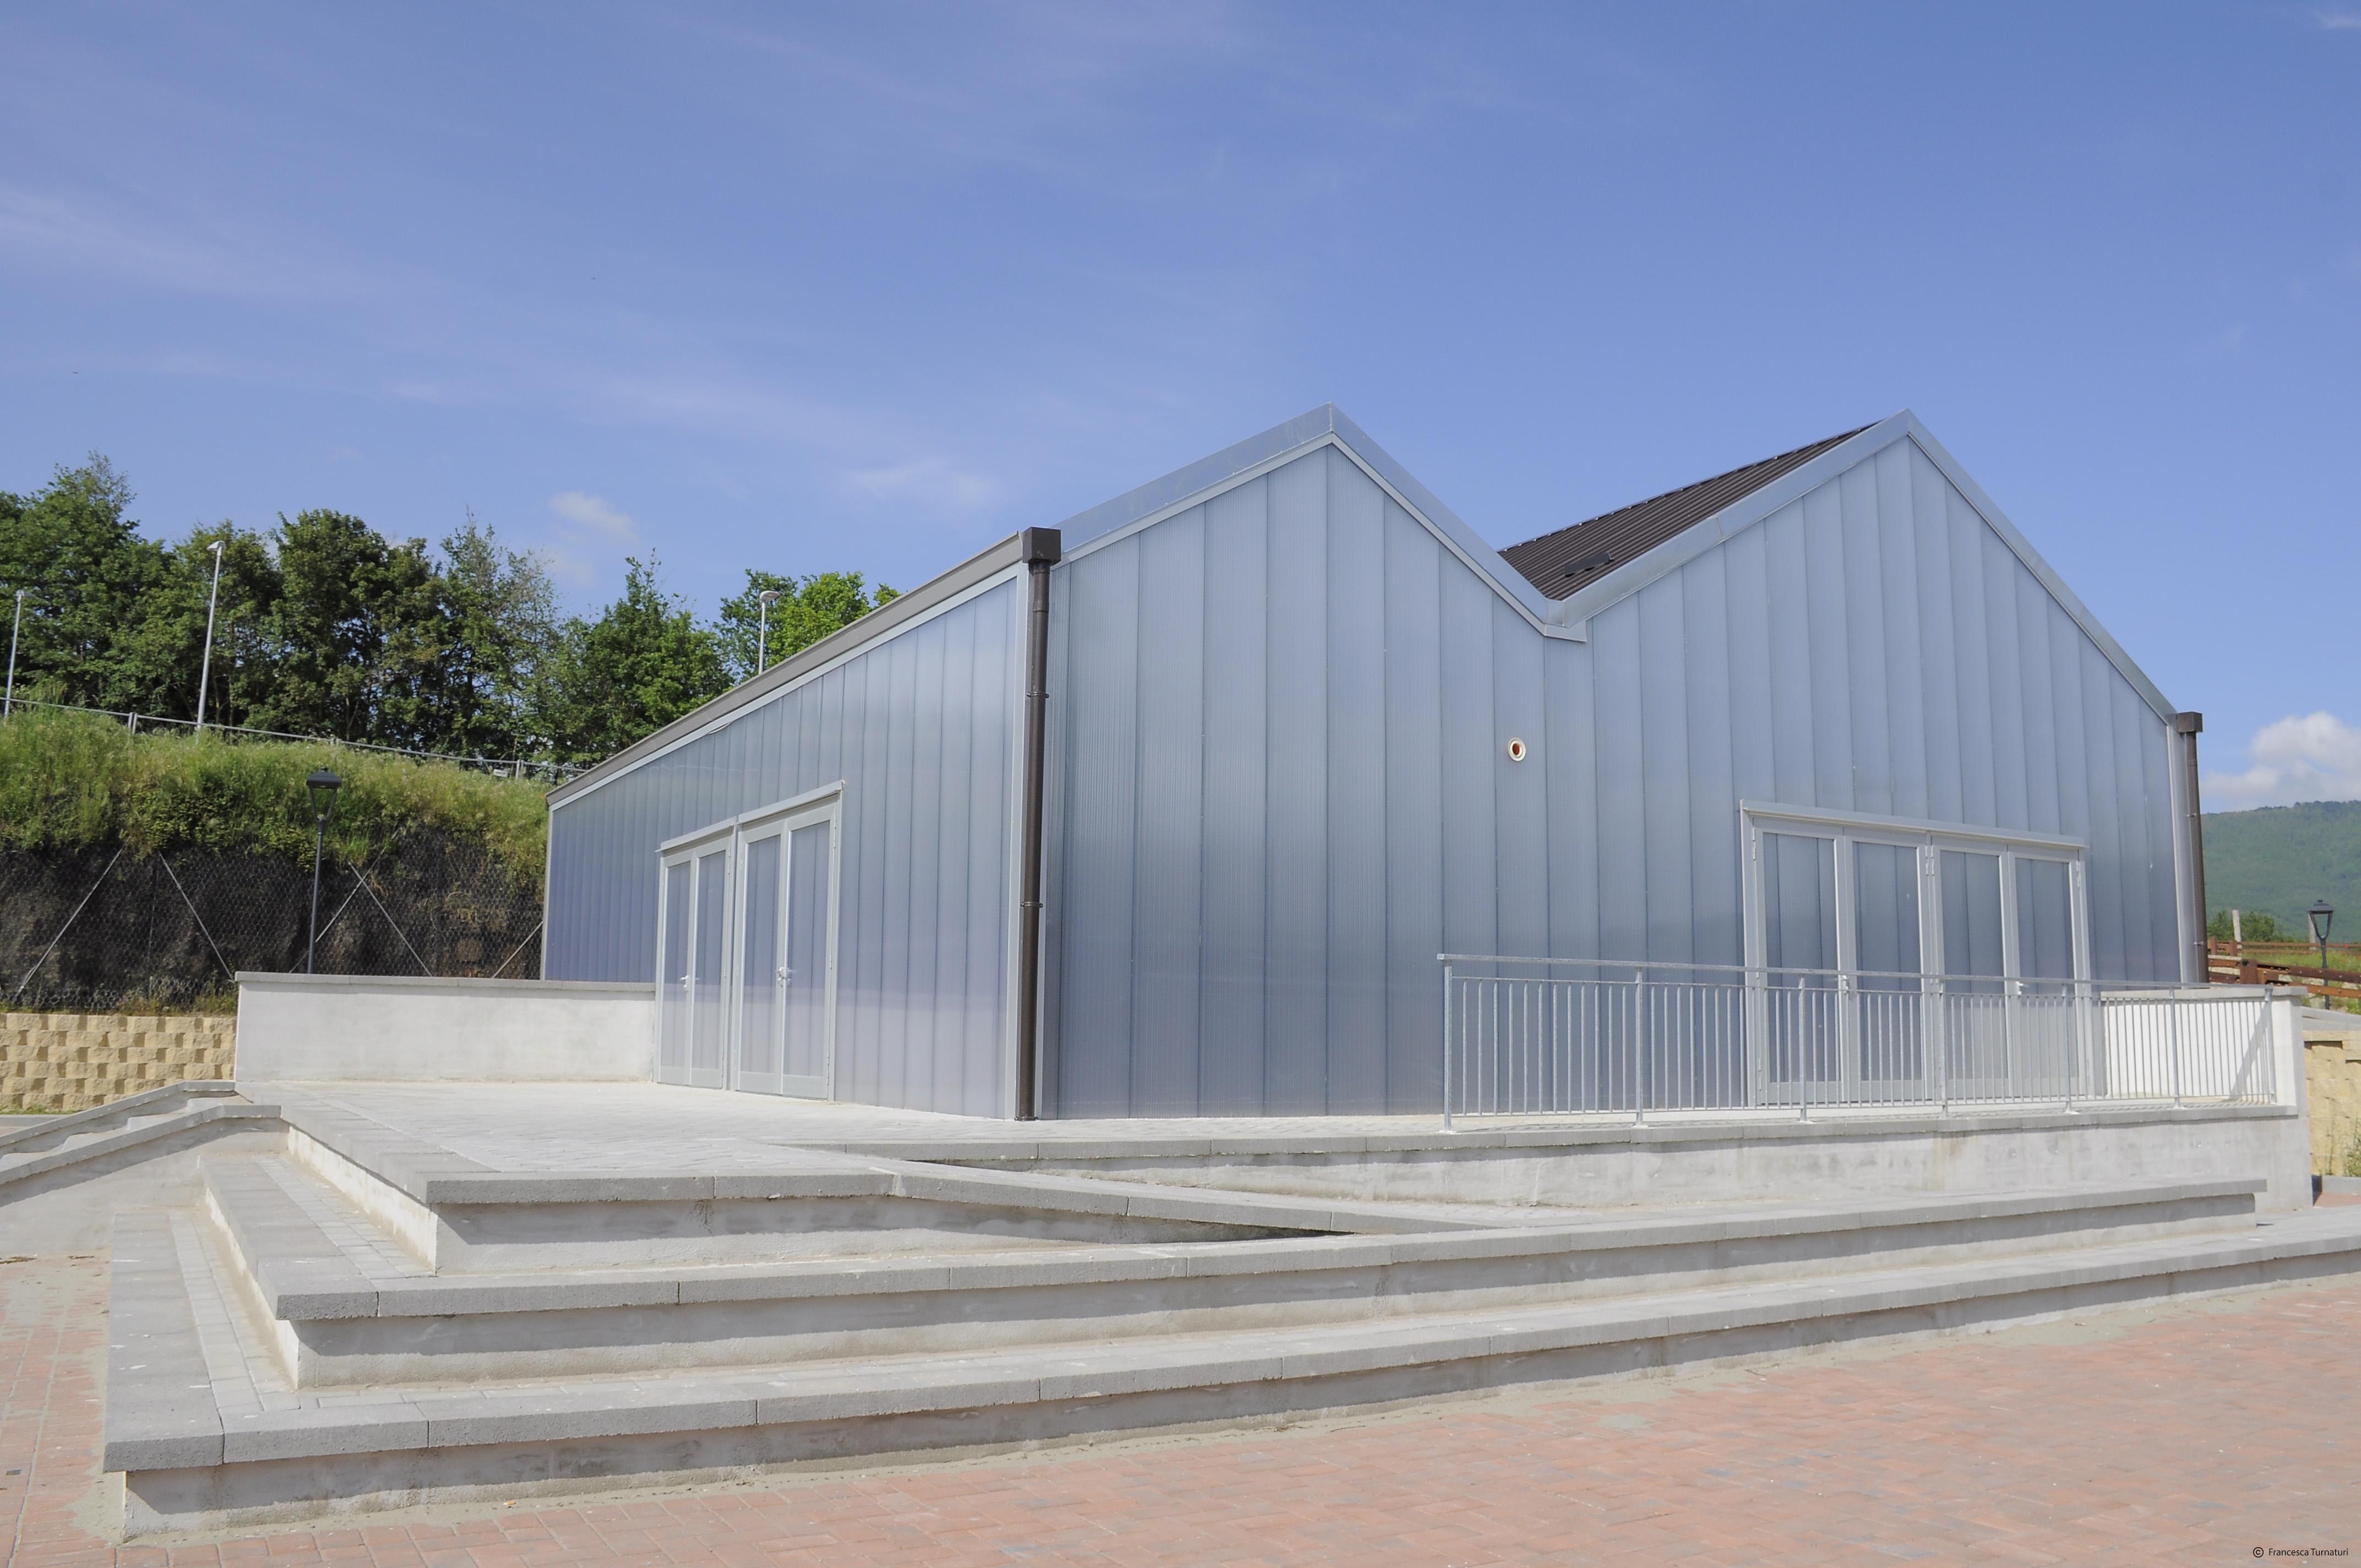 Esternamente l'edificio si presenta come un volume compatto, avvolto da un rivestimento in policarbonato semitrasparente © Francesca Turnaturi